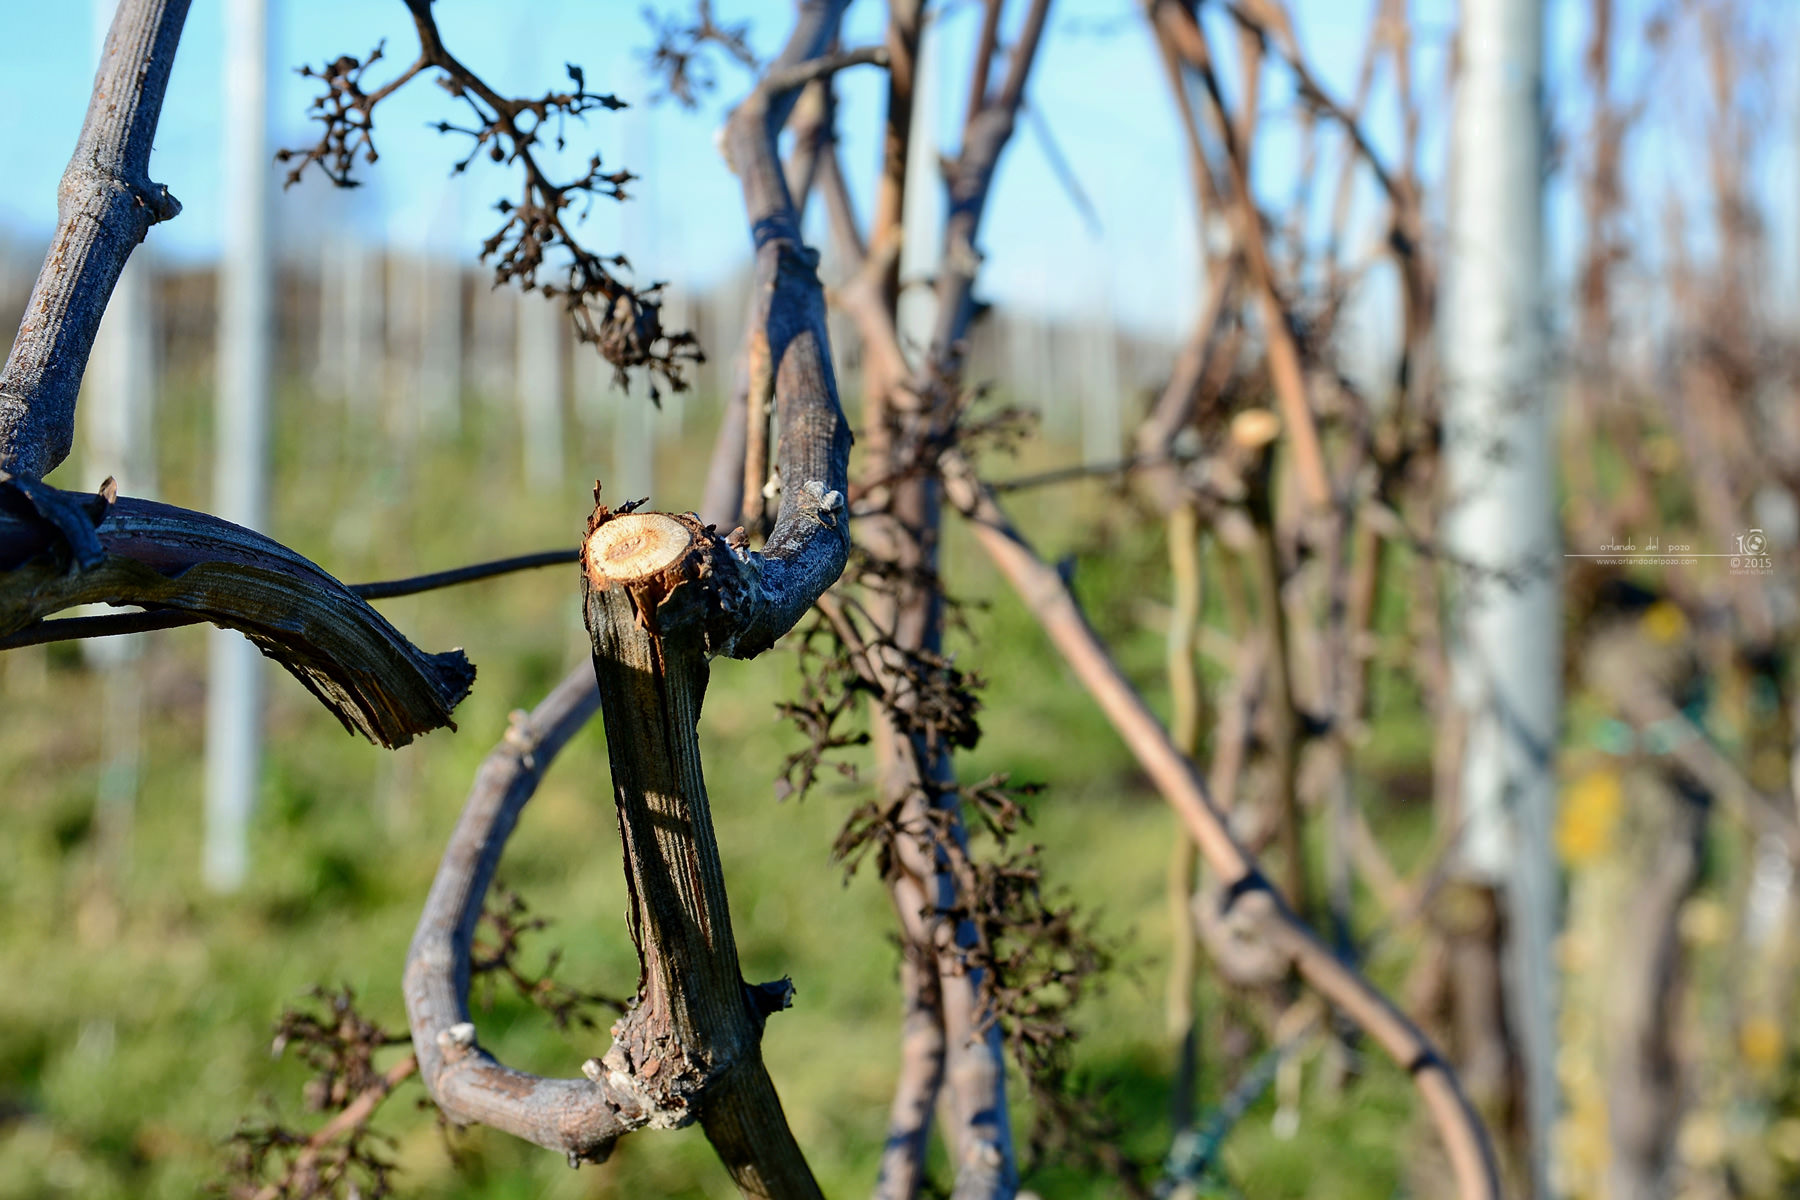 rückschnitt - pruning